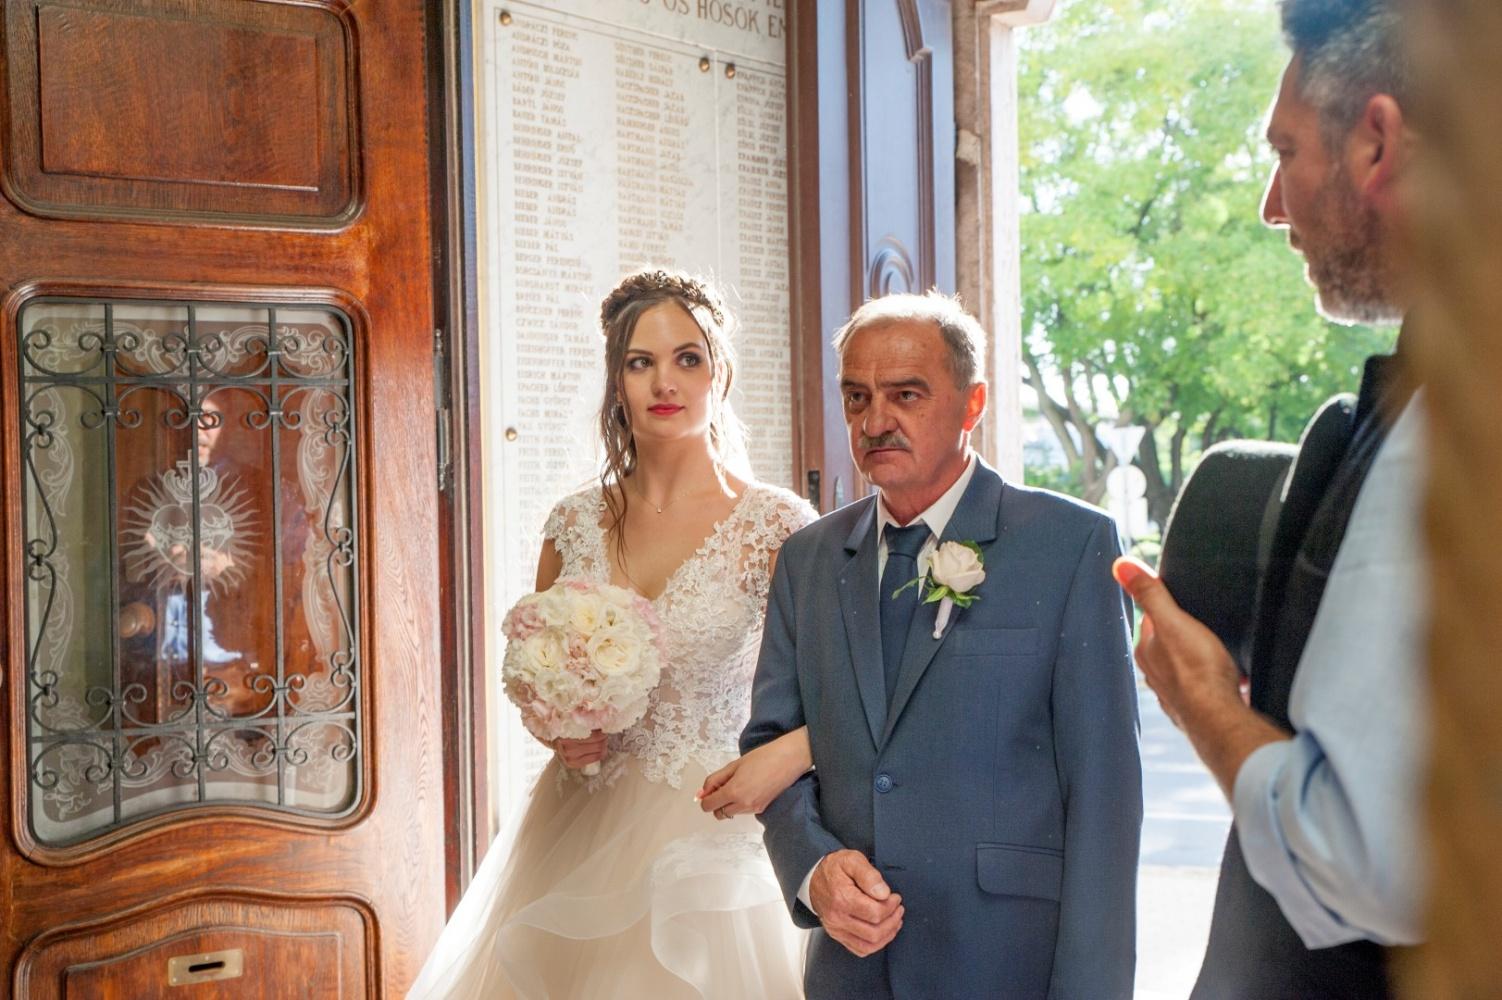 http://www.fotoz.sk/images/gallery-31/normal/eskuvo_dunaharaszti-rendezvenyhaz_225.jpg